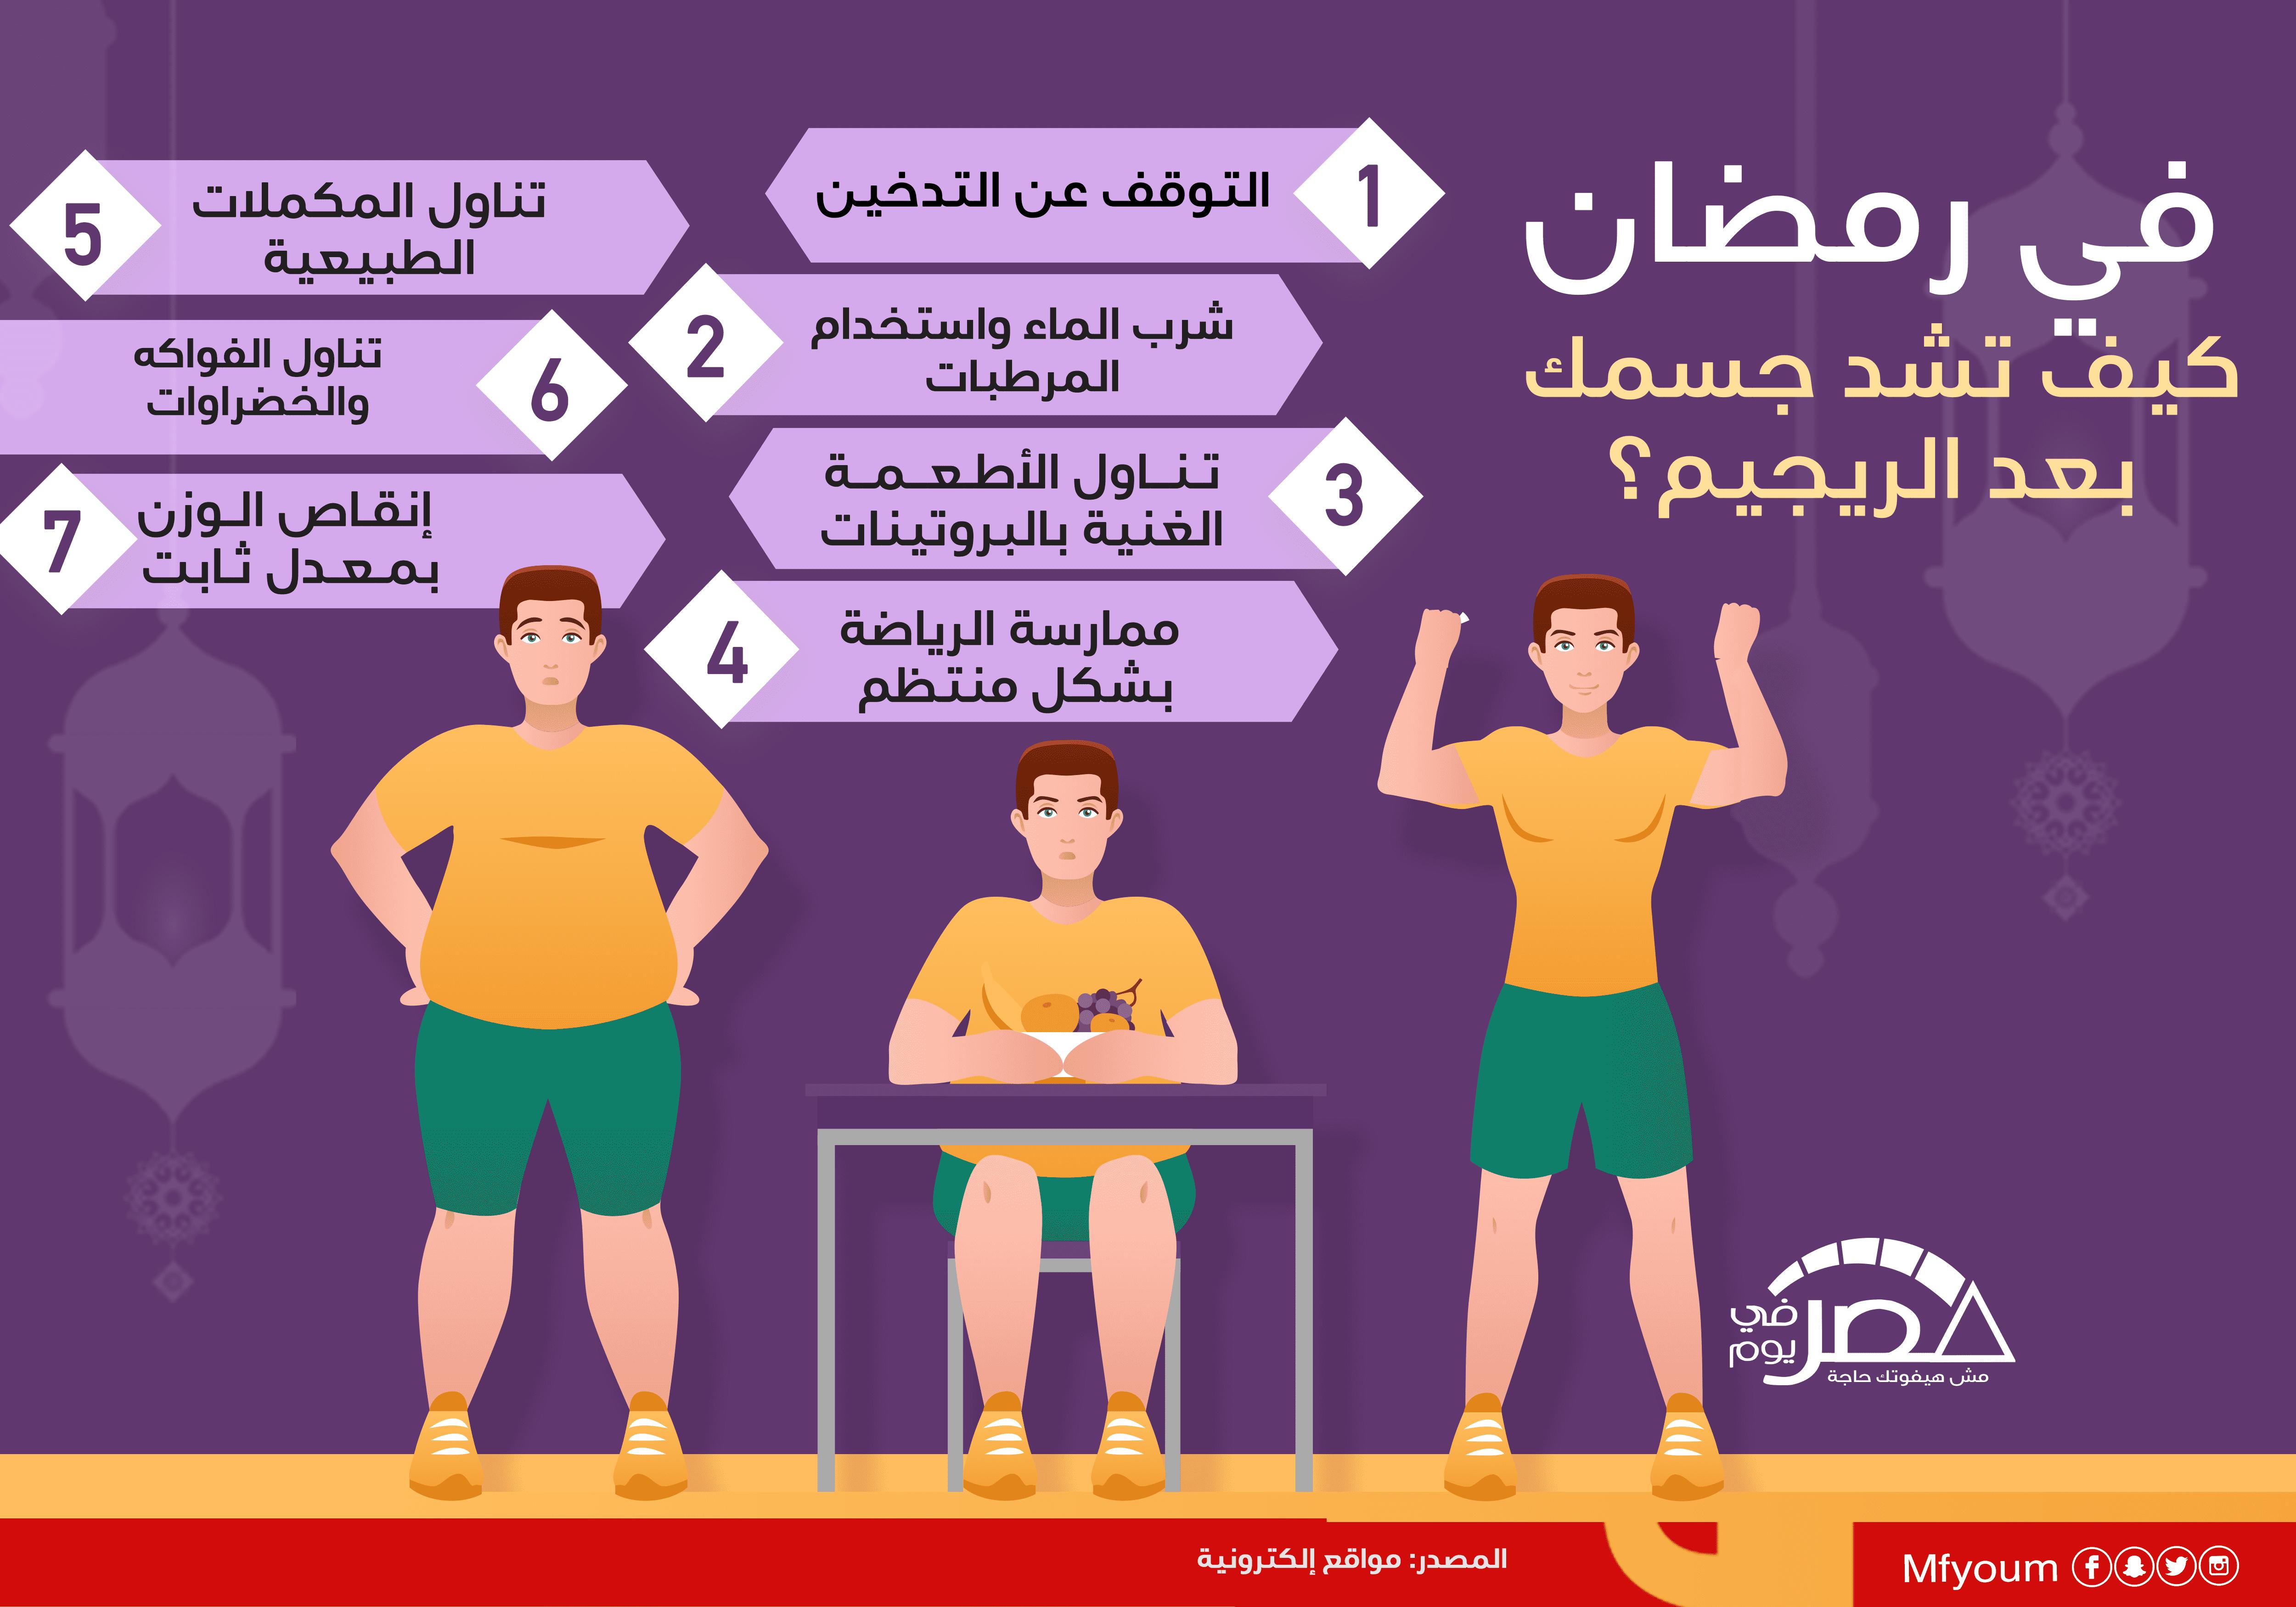 في رمضان.. كيف تشد جسمك بعد الريجيم؟ (إنفوجراف)